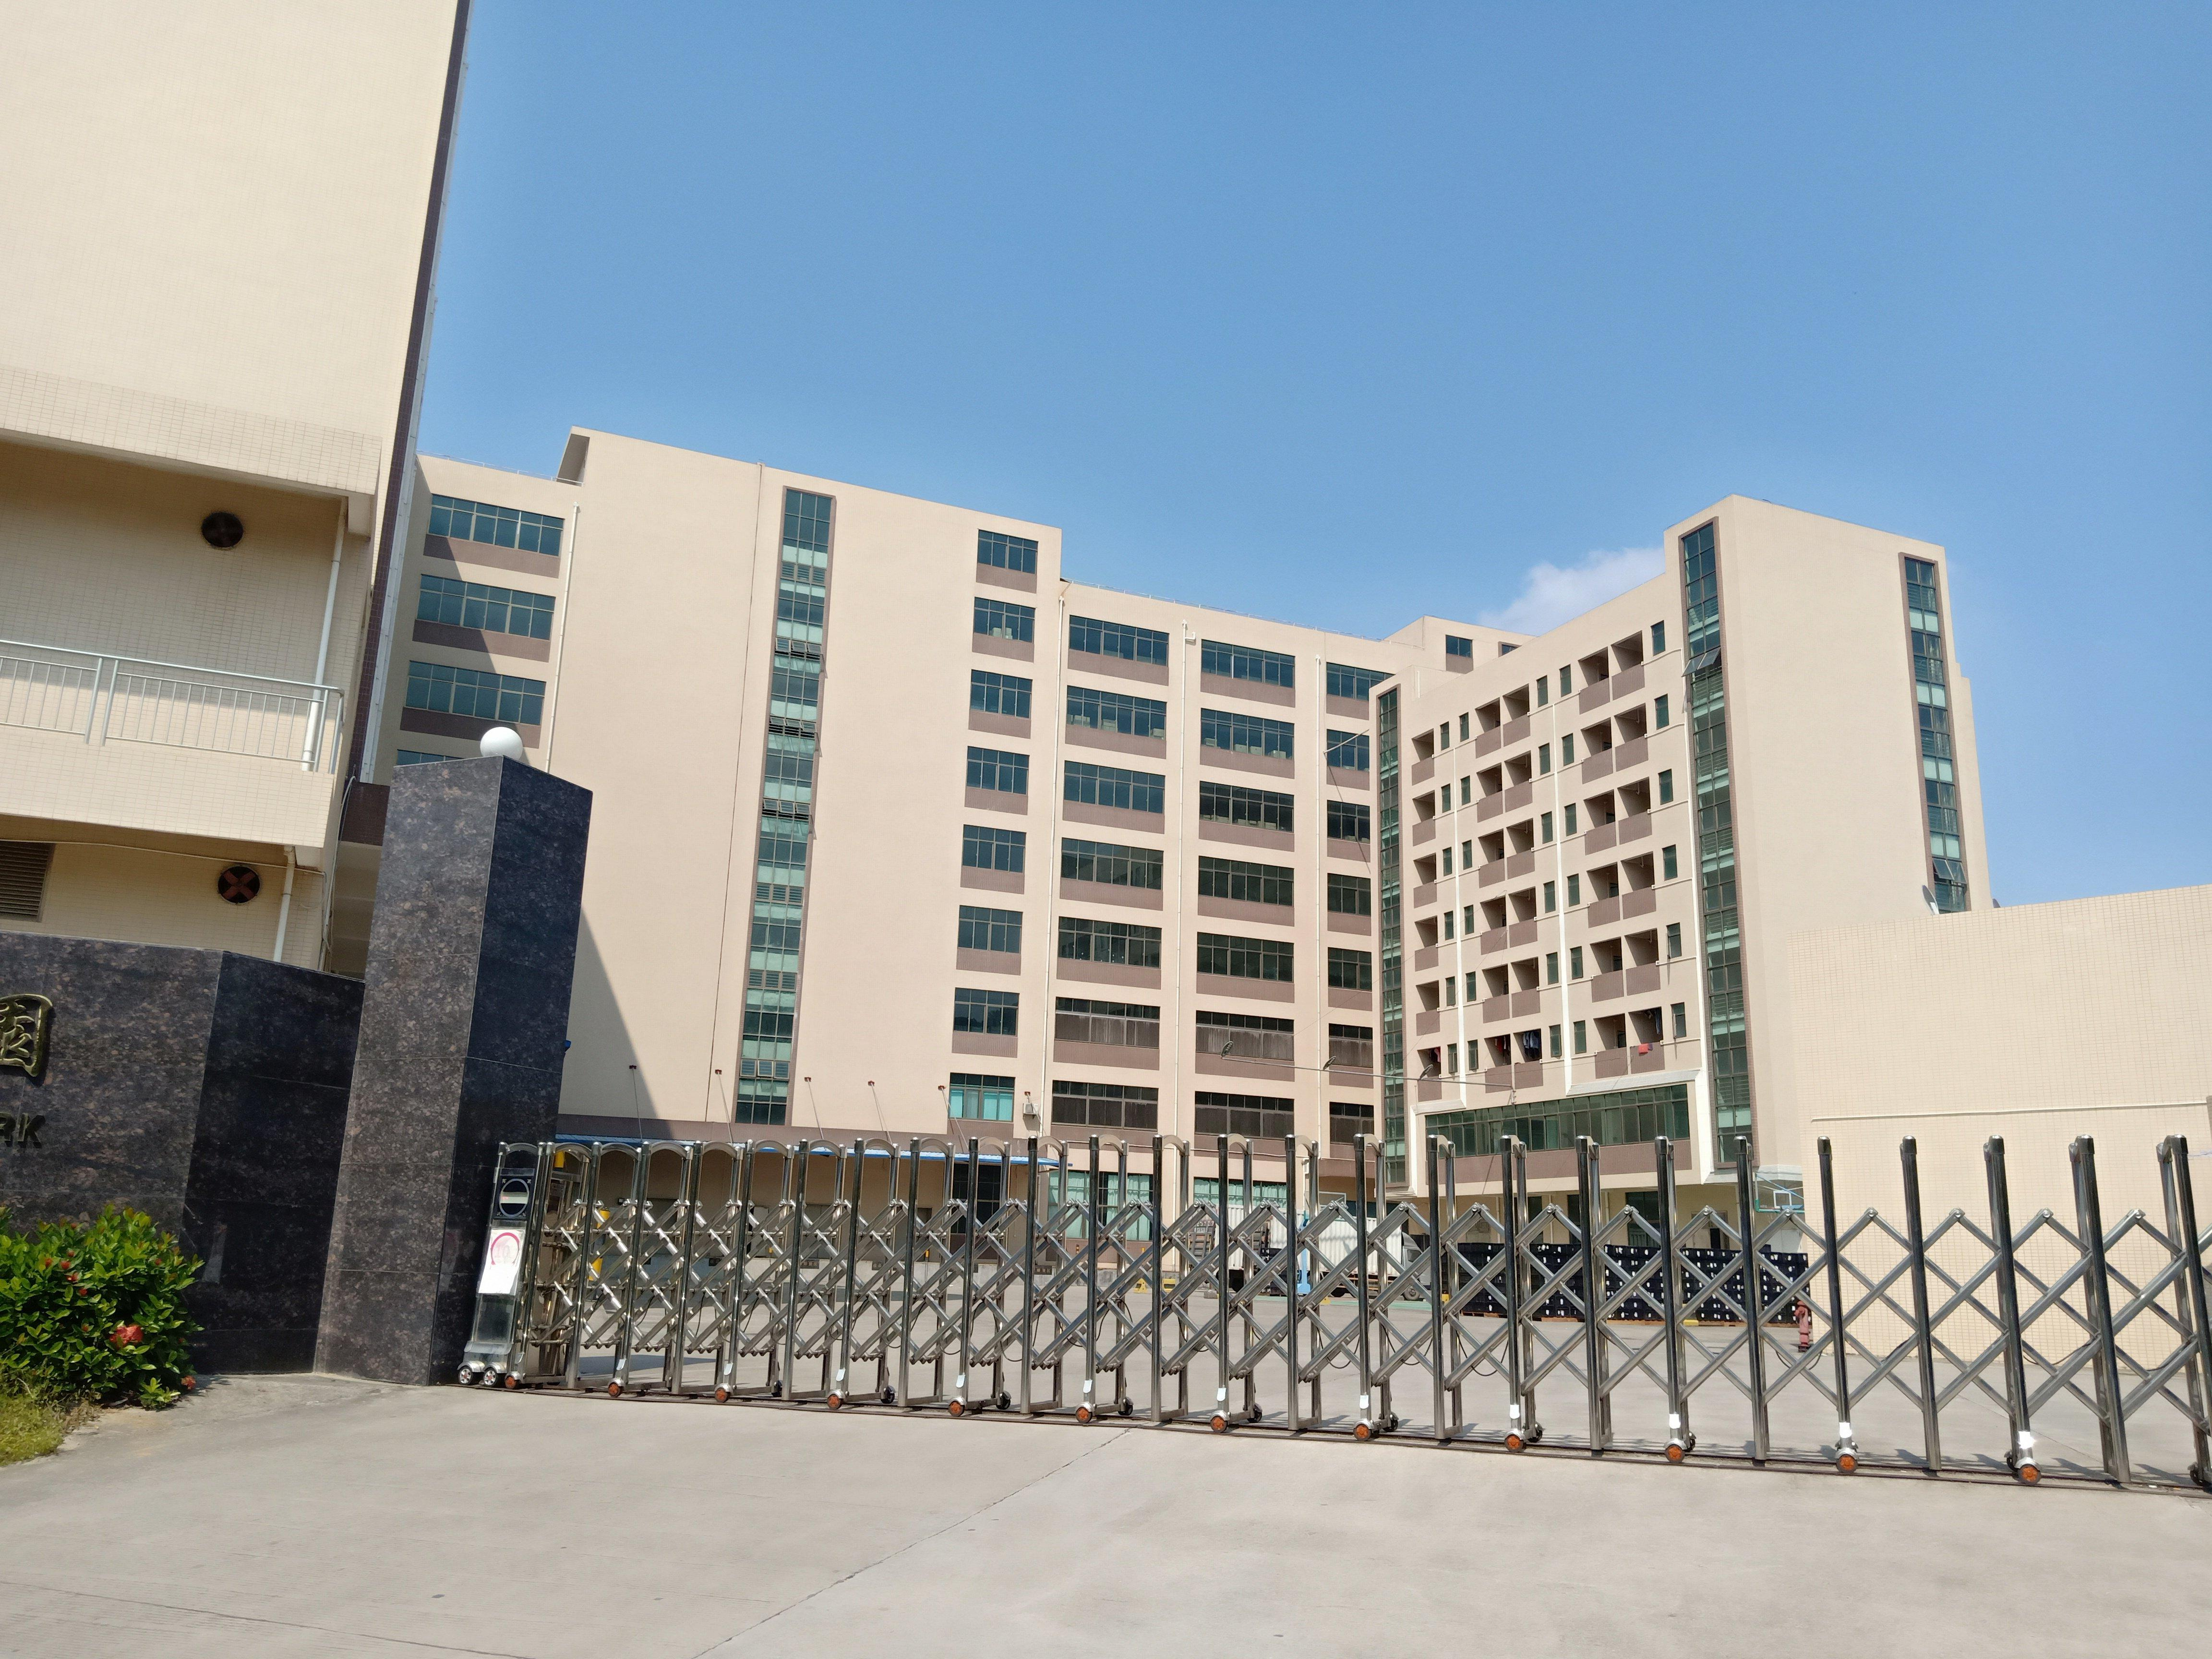 平湖华南城地铁口附近新出三楼厂房2550平方急租,合同期6年